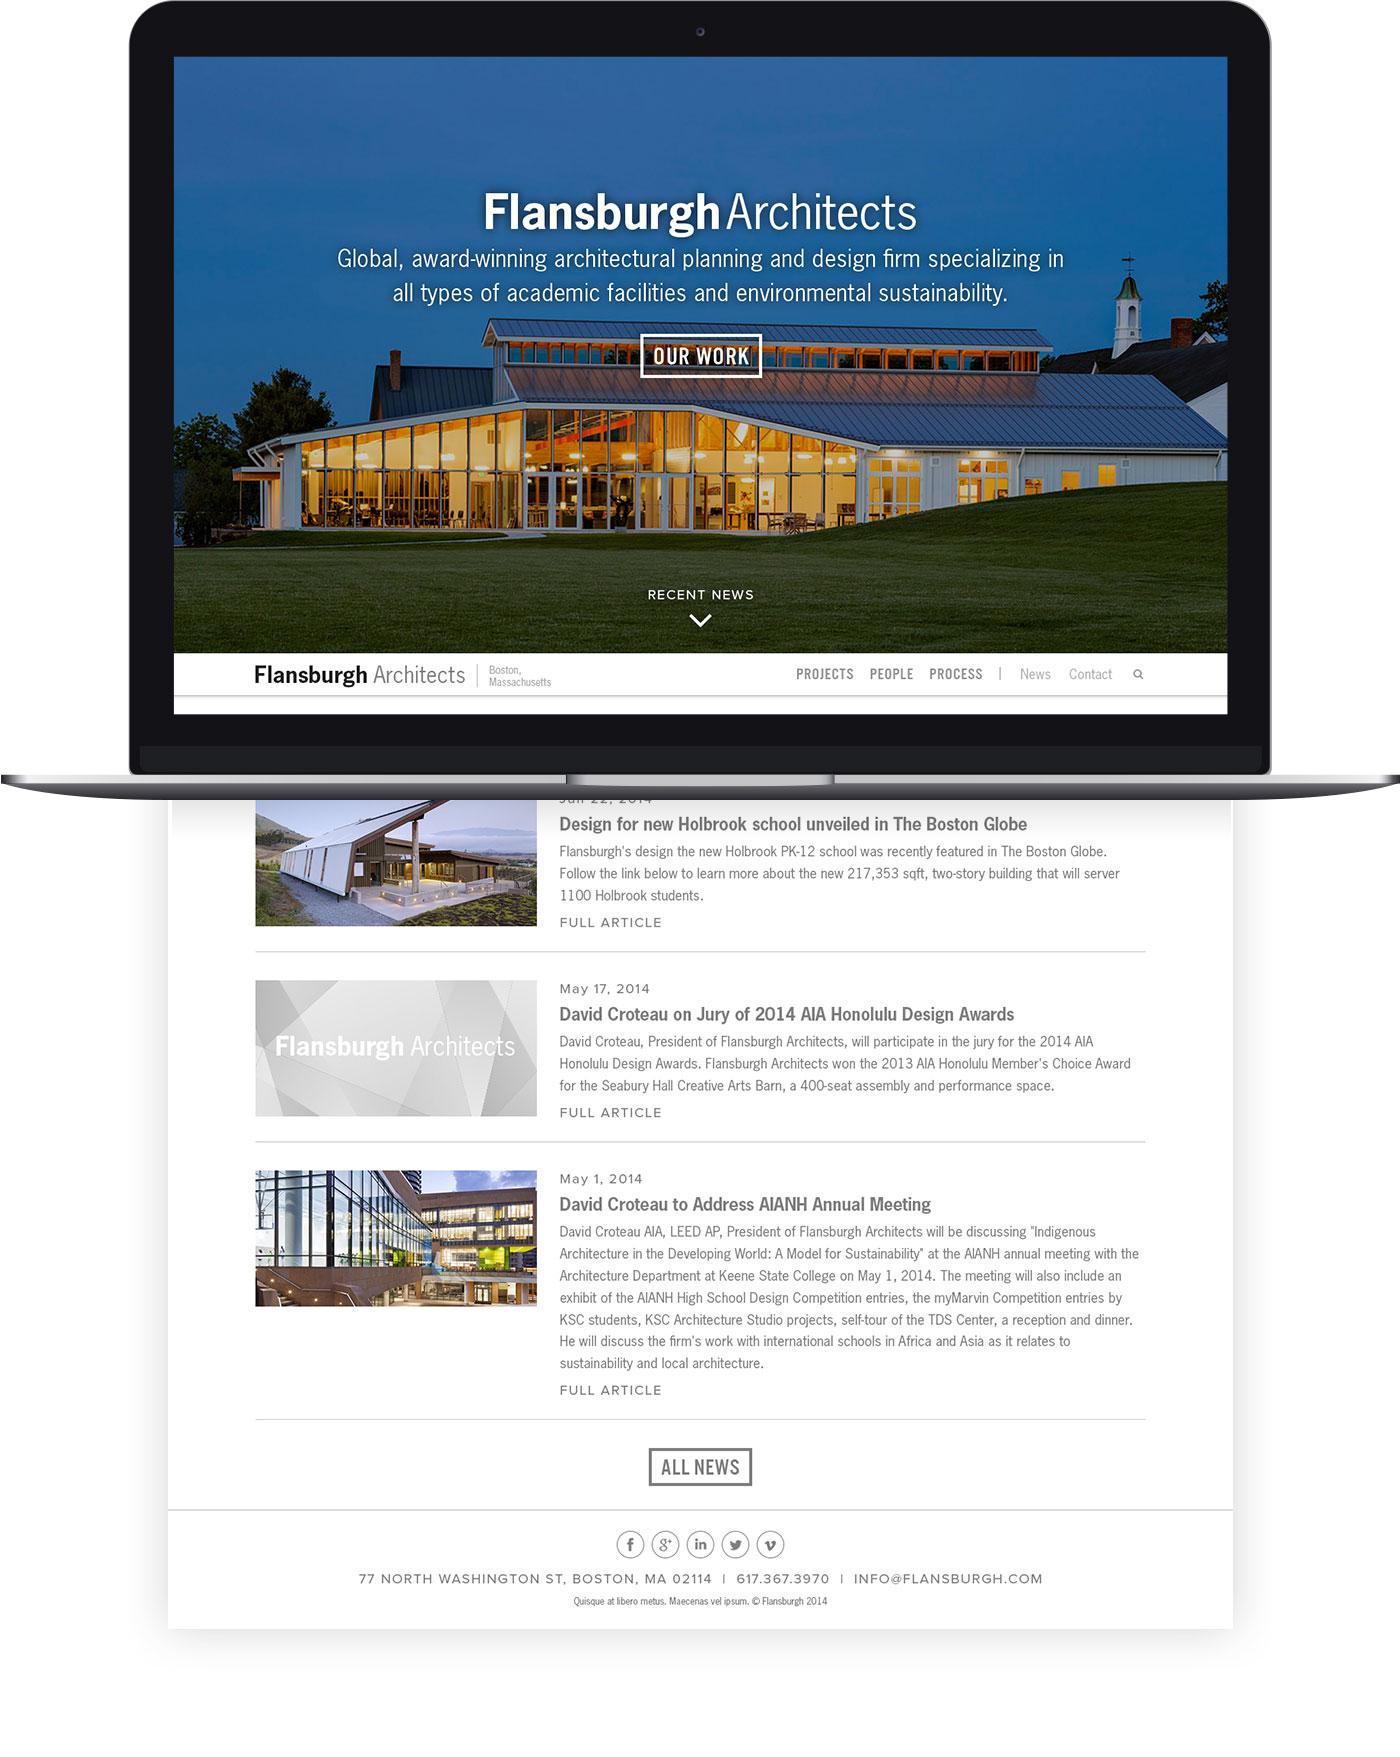 design-flansburgh.jpg